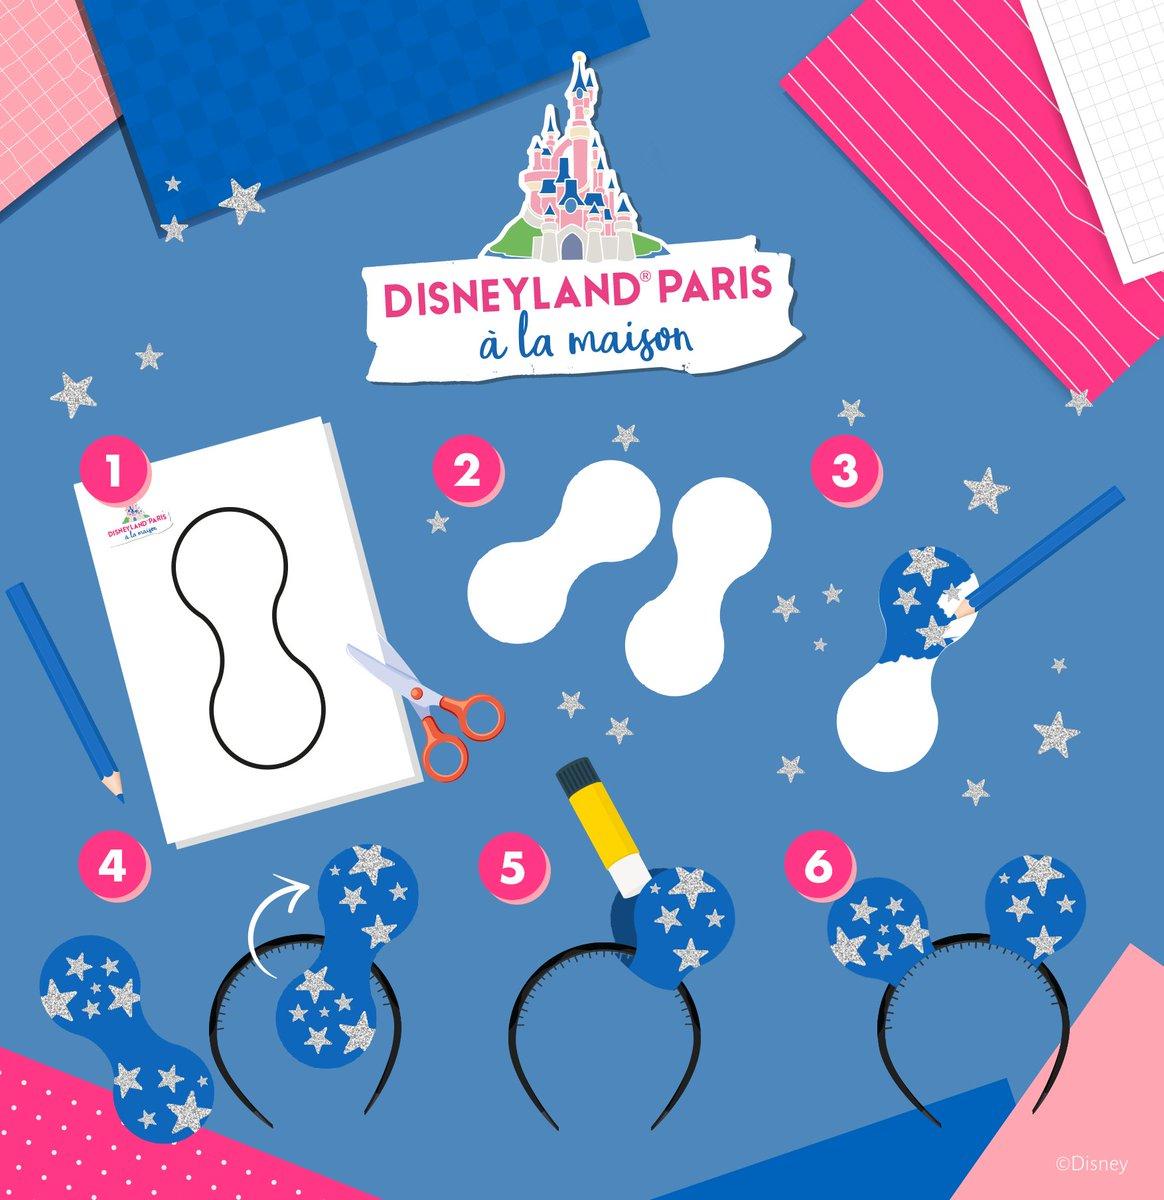 """Laissez votre créativité s'exprimer avec ces oreilles de Mickey personnalisables ! ✨ Quel sera votre style ? Retrouvez plus d'activités sur le site """"Disneyland Paris à la Maison"""": https://t.co/A60kwhnAjj https://t.co/UB7Hg4g410"""